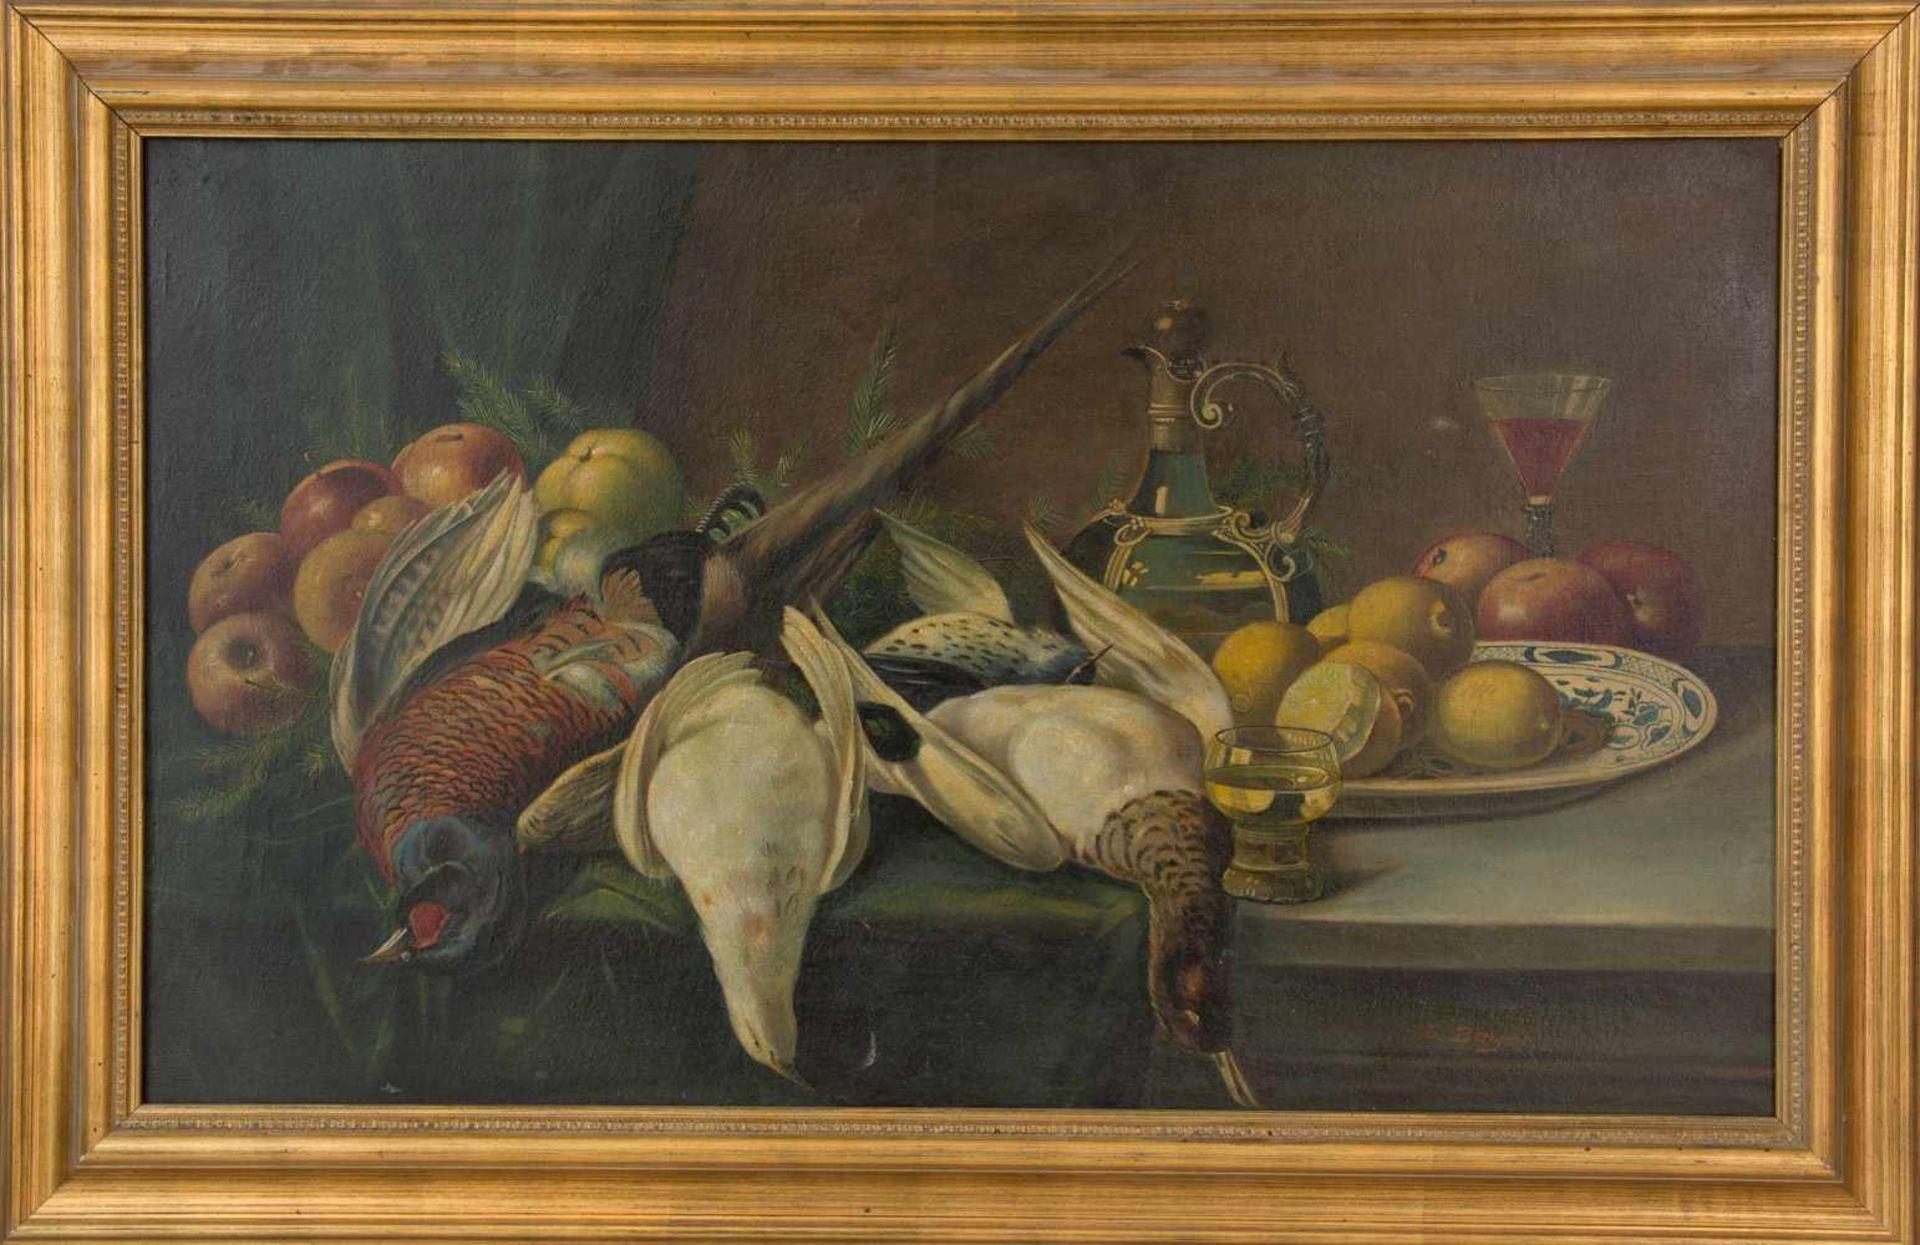 Los 16 - Stilleben, Öl auf Leinwand, signiert und gerahmt. Signiert unten rechts E.Beyer, gerahmt, 110 x 60